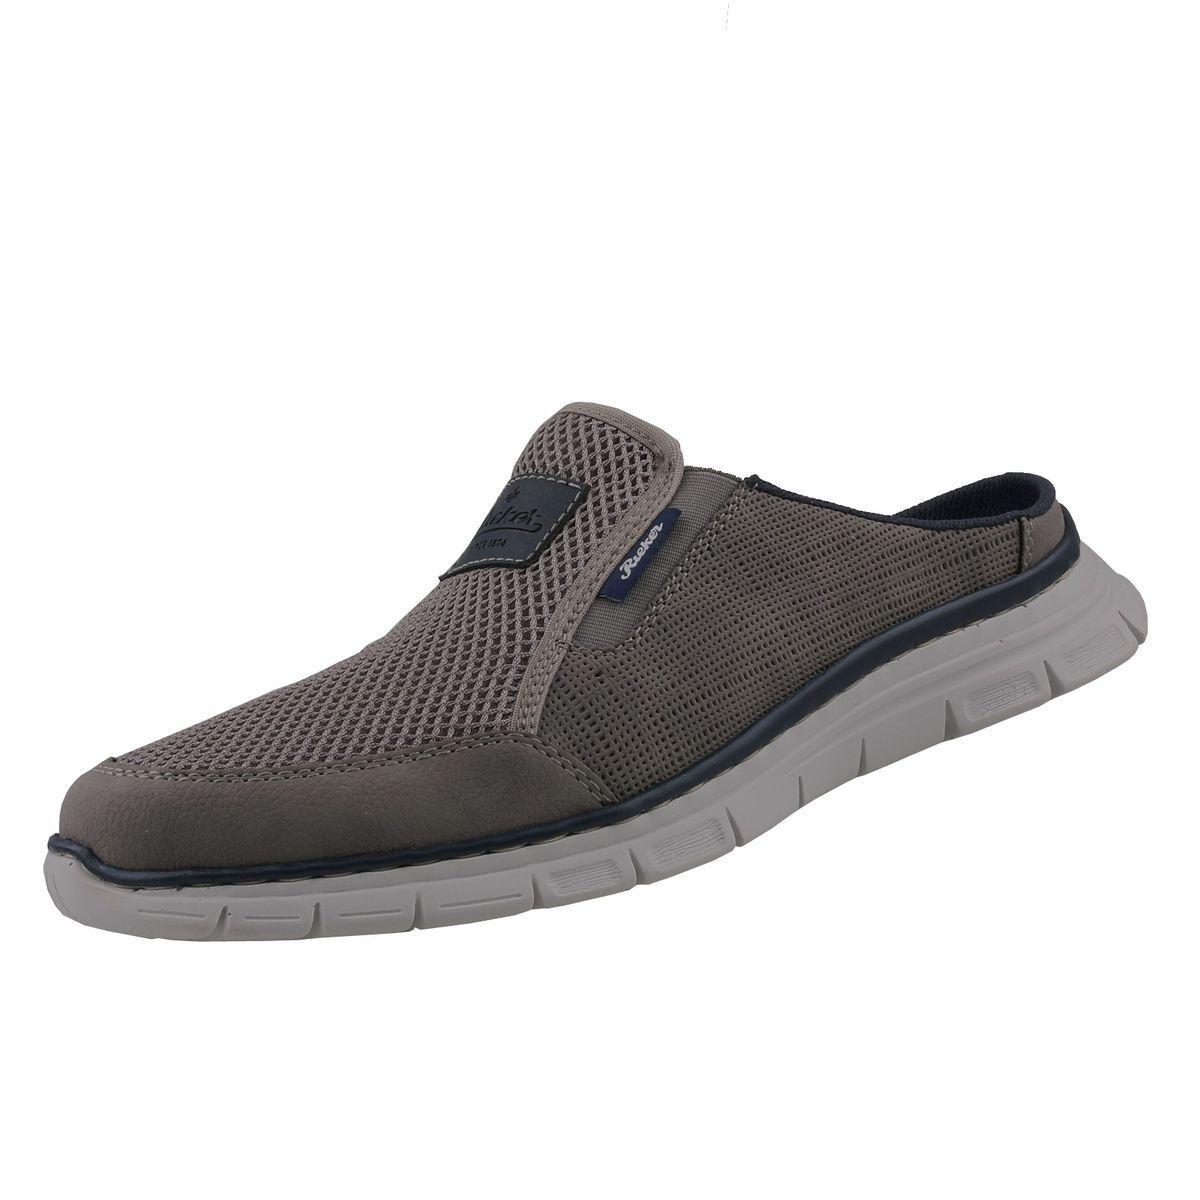 NUEVO Rieker Zapatos Hombre ZUECOS Mulas Sandalias deportiva de tiempo libre